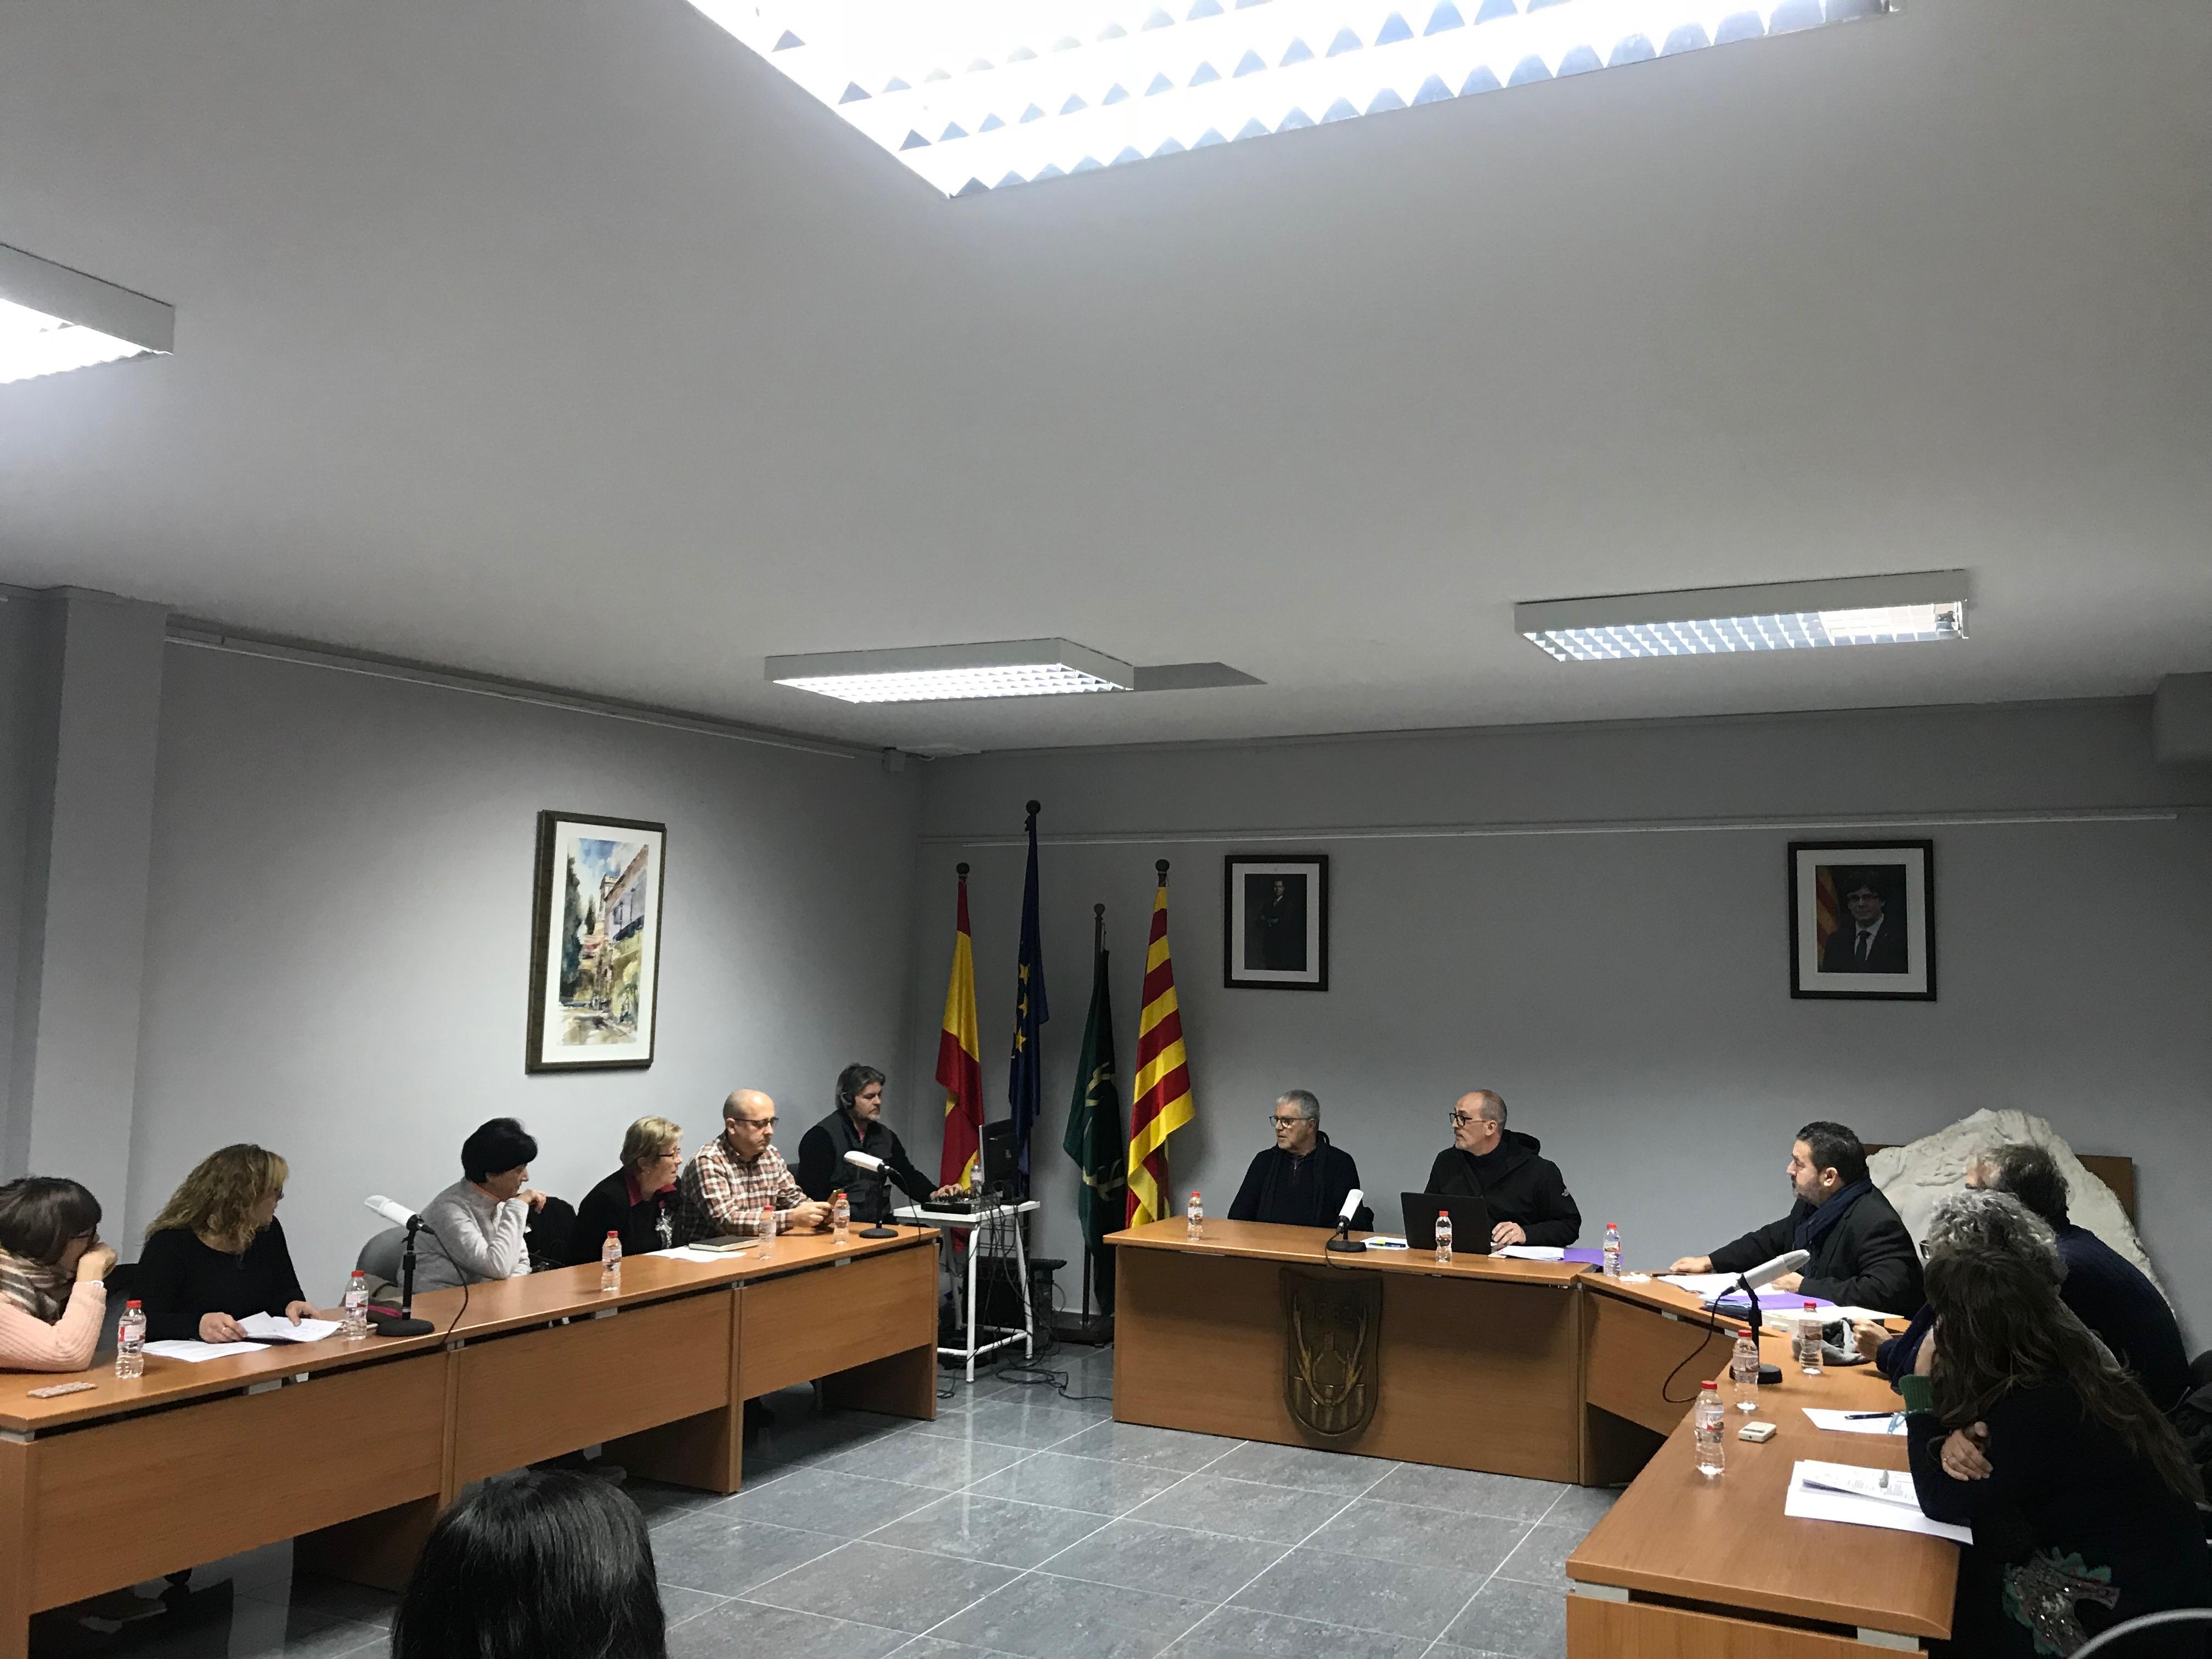 L'Ajuntament de Banyeres del Penedès aprova la modificació de l'ordenança de les plusvàlues amb una bonificació del 95%